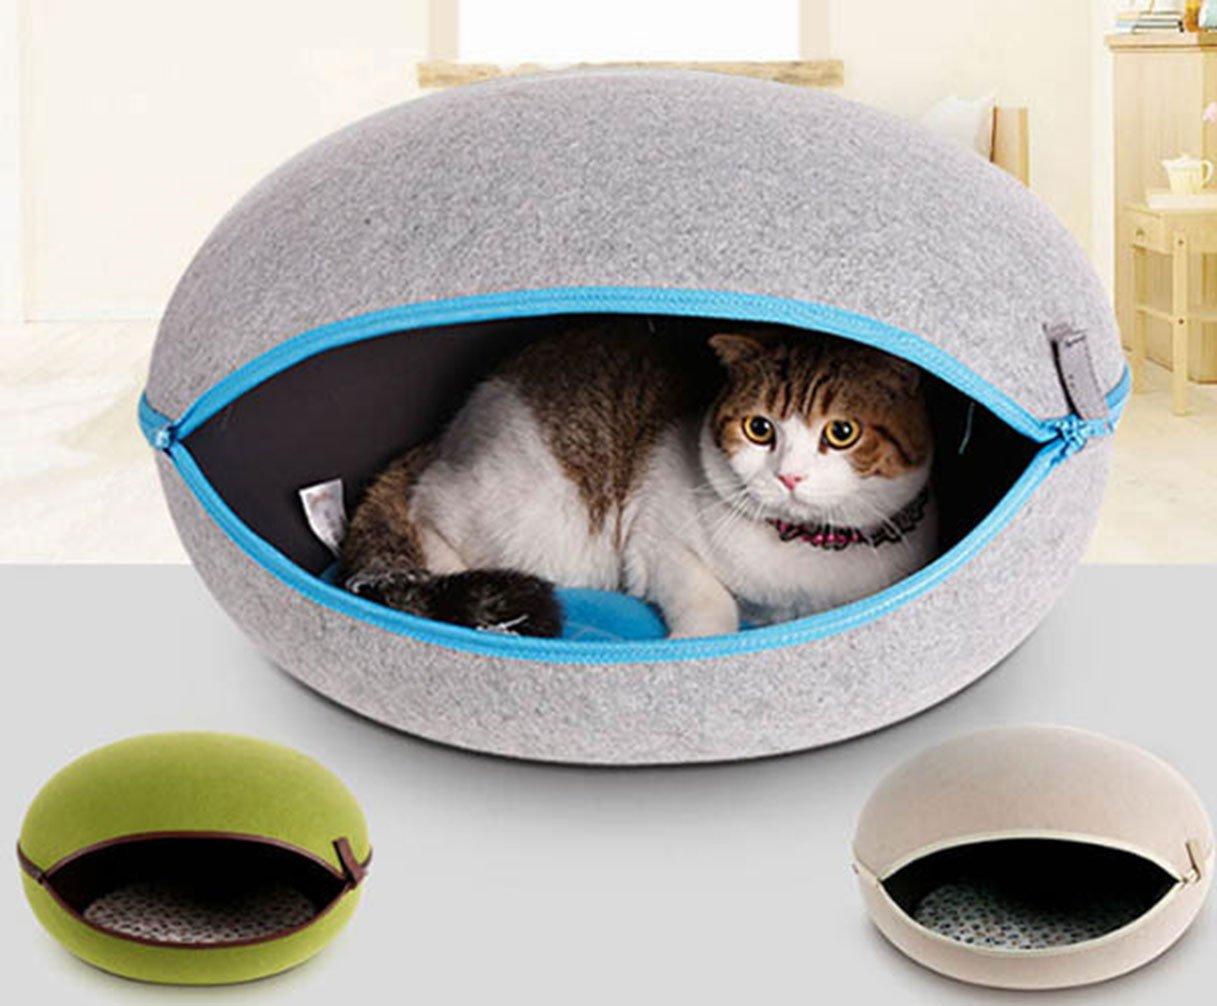 La Vie - Cama para mascotas con forma de huevo acogedora y cojín extraíble en el interior para cachorros y perros pequeños, color verde, gris, beige, ...